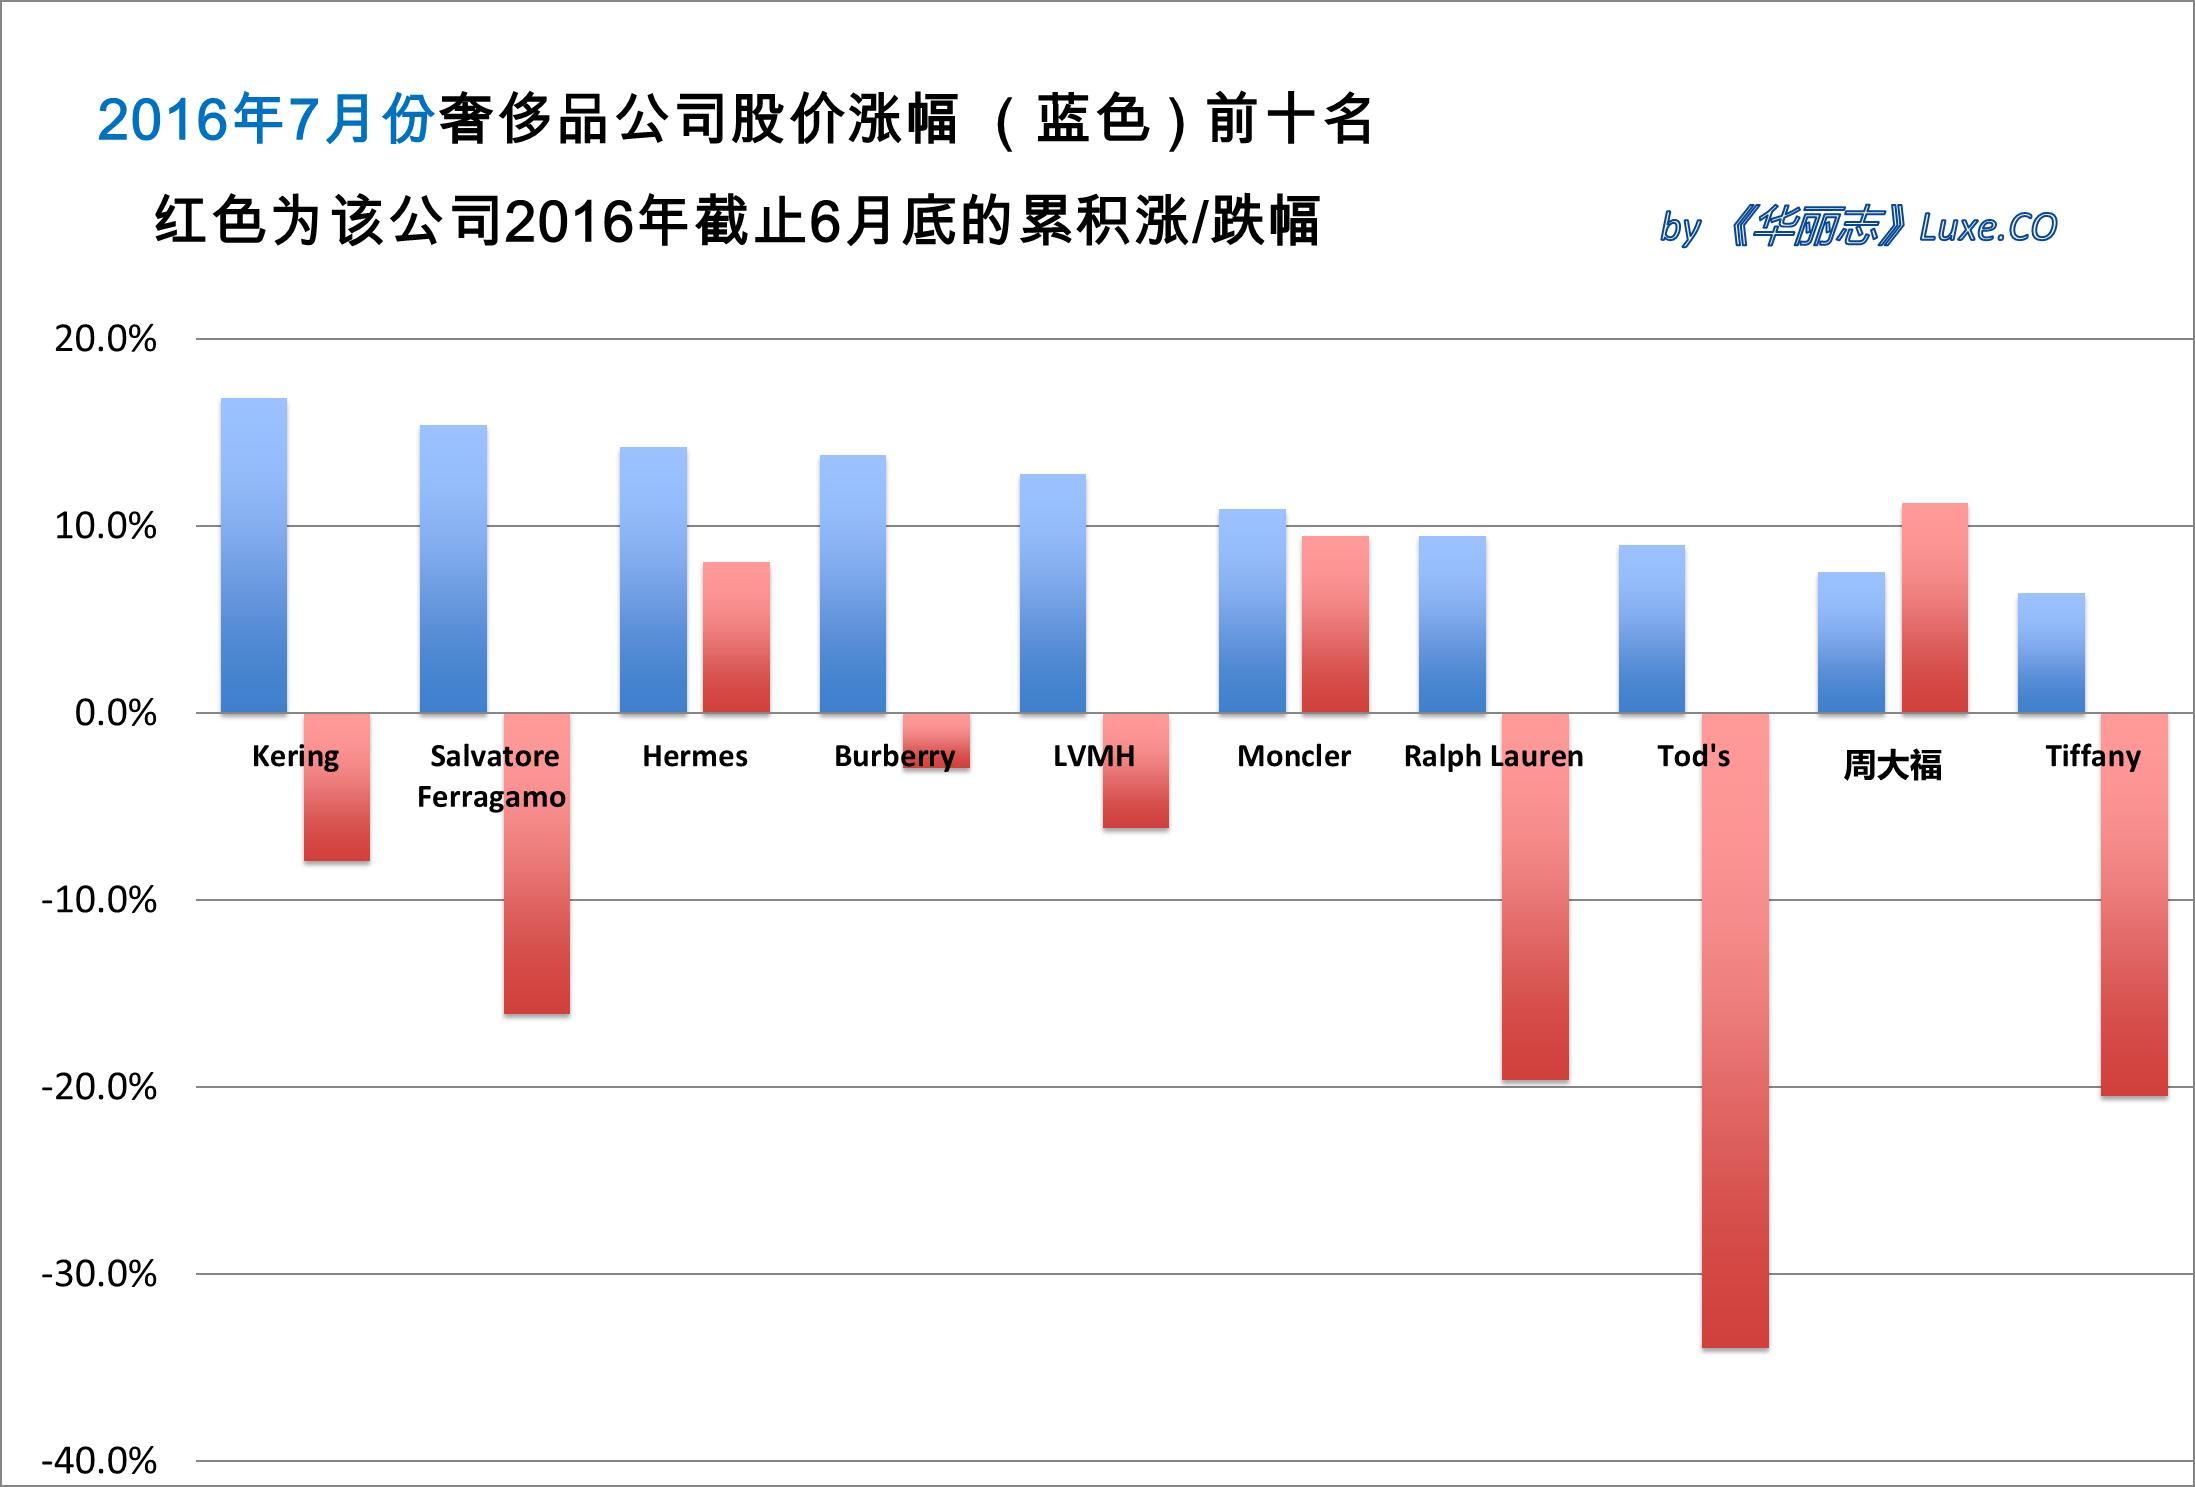 《华丽志》奢侈品股票月度排行榜(2016年7月)